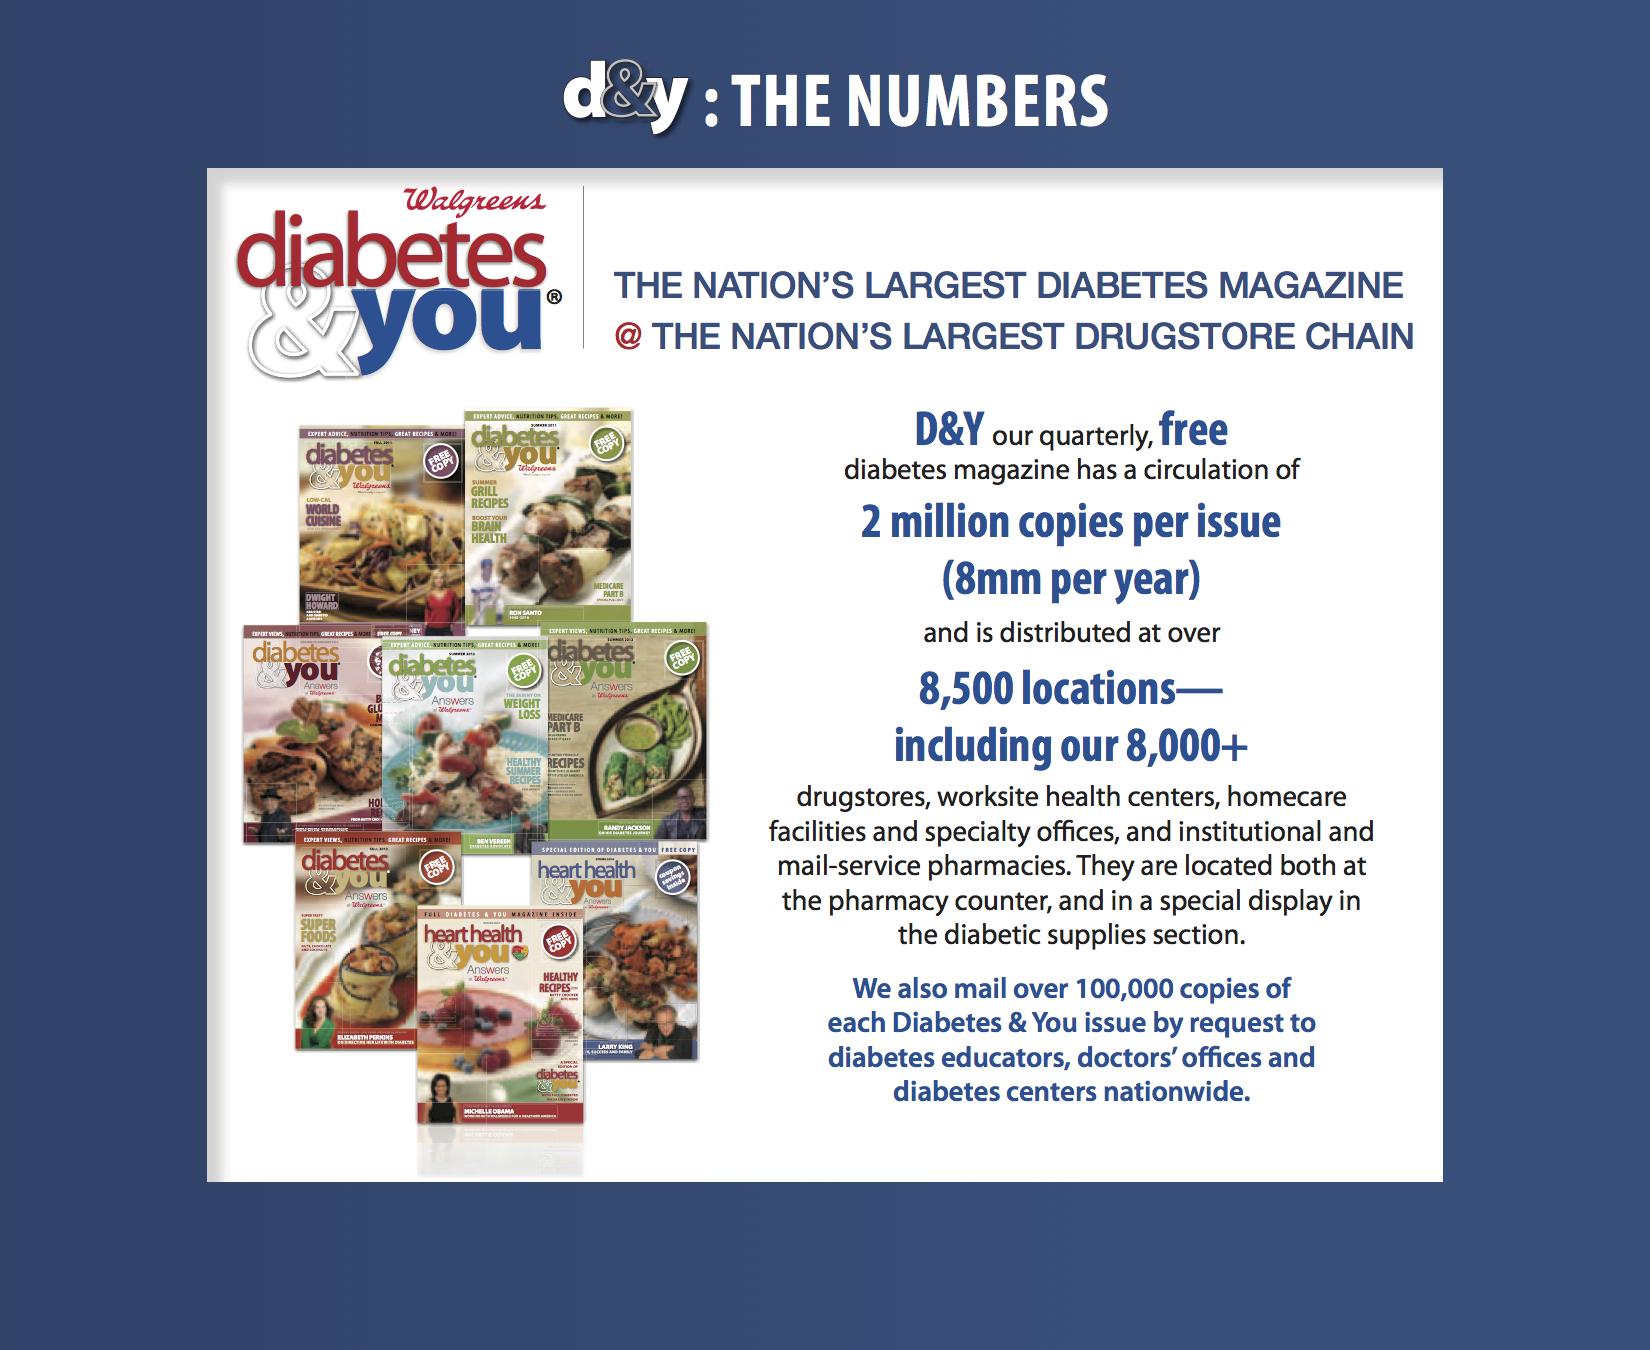 betes y diabetes